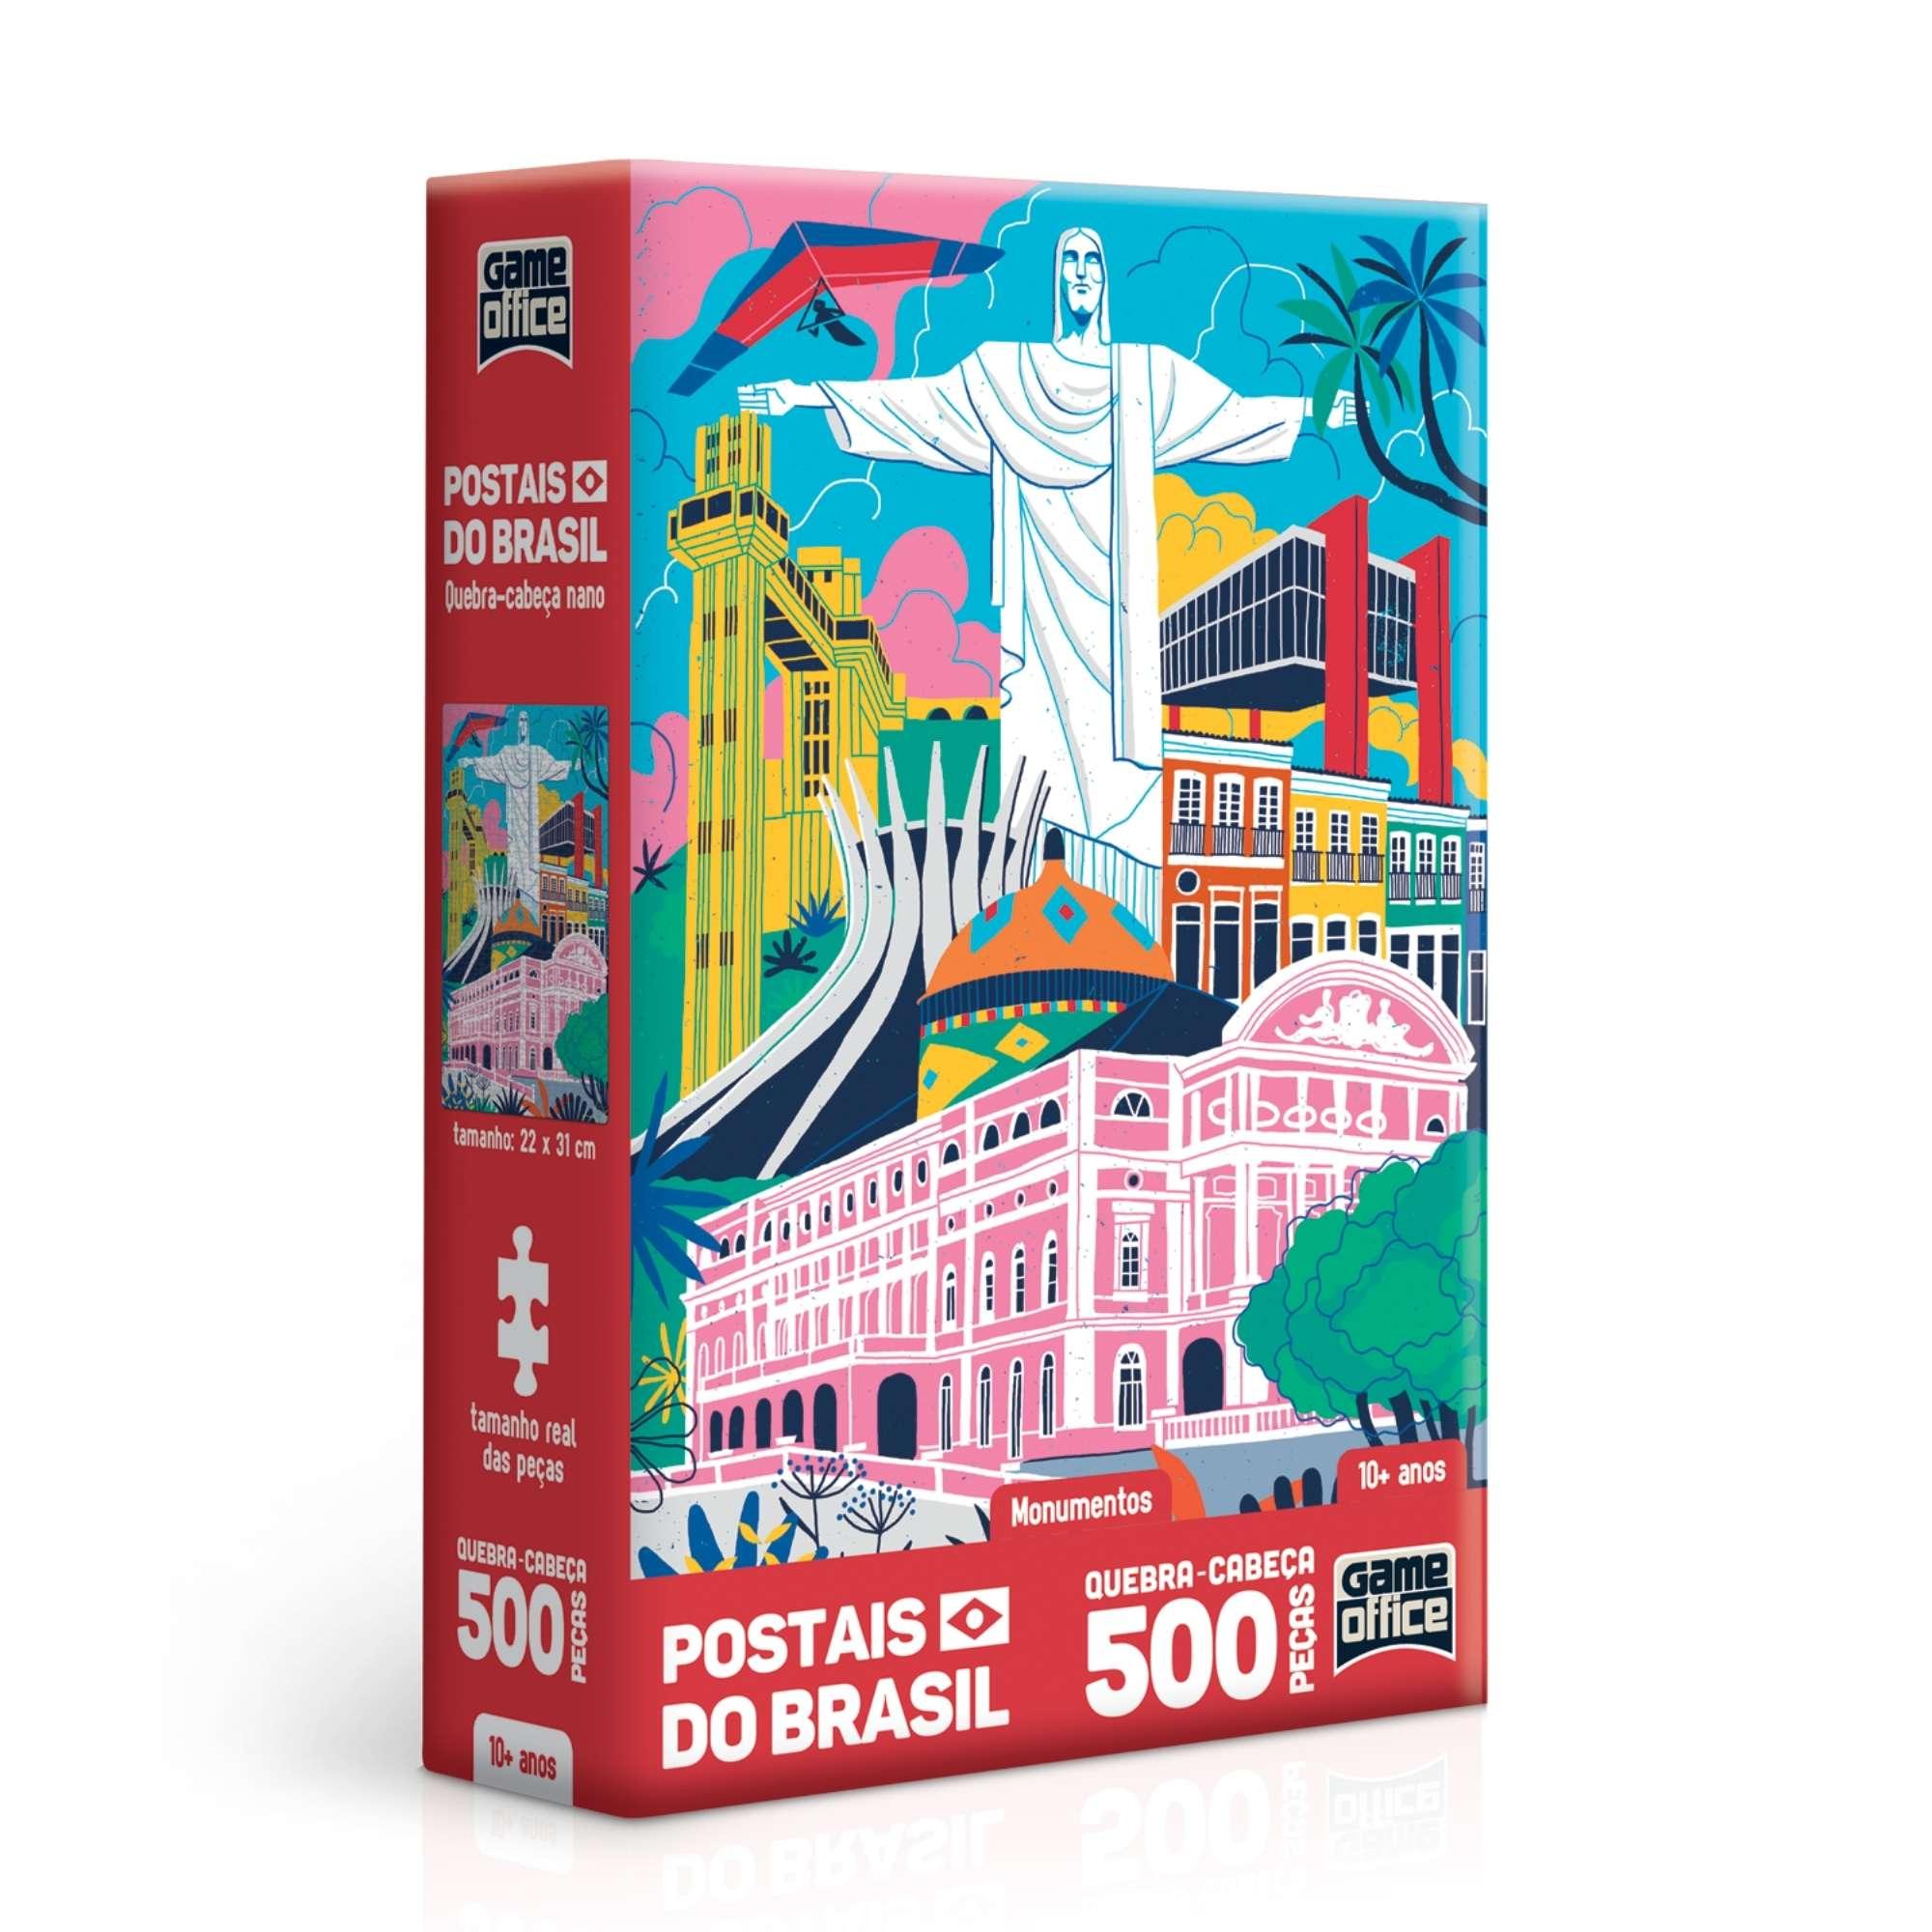 Quebra-Cabeça Postais do Brasil - Monumentos - 500 peças nano - Game Office